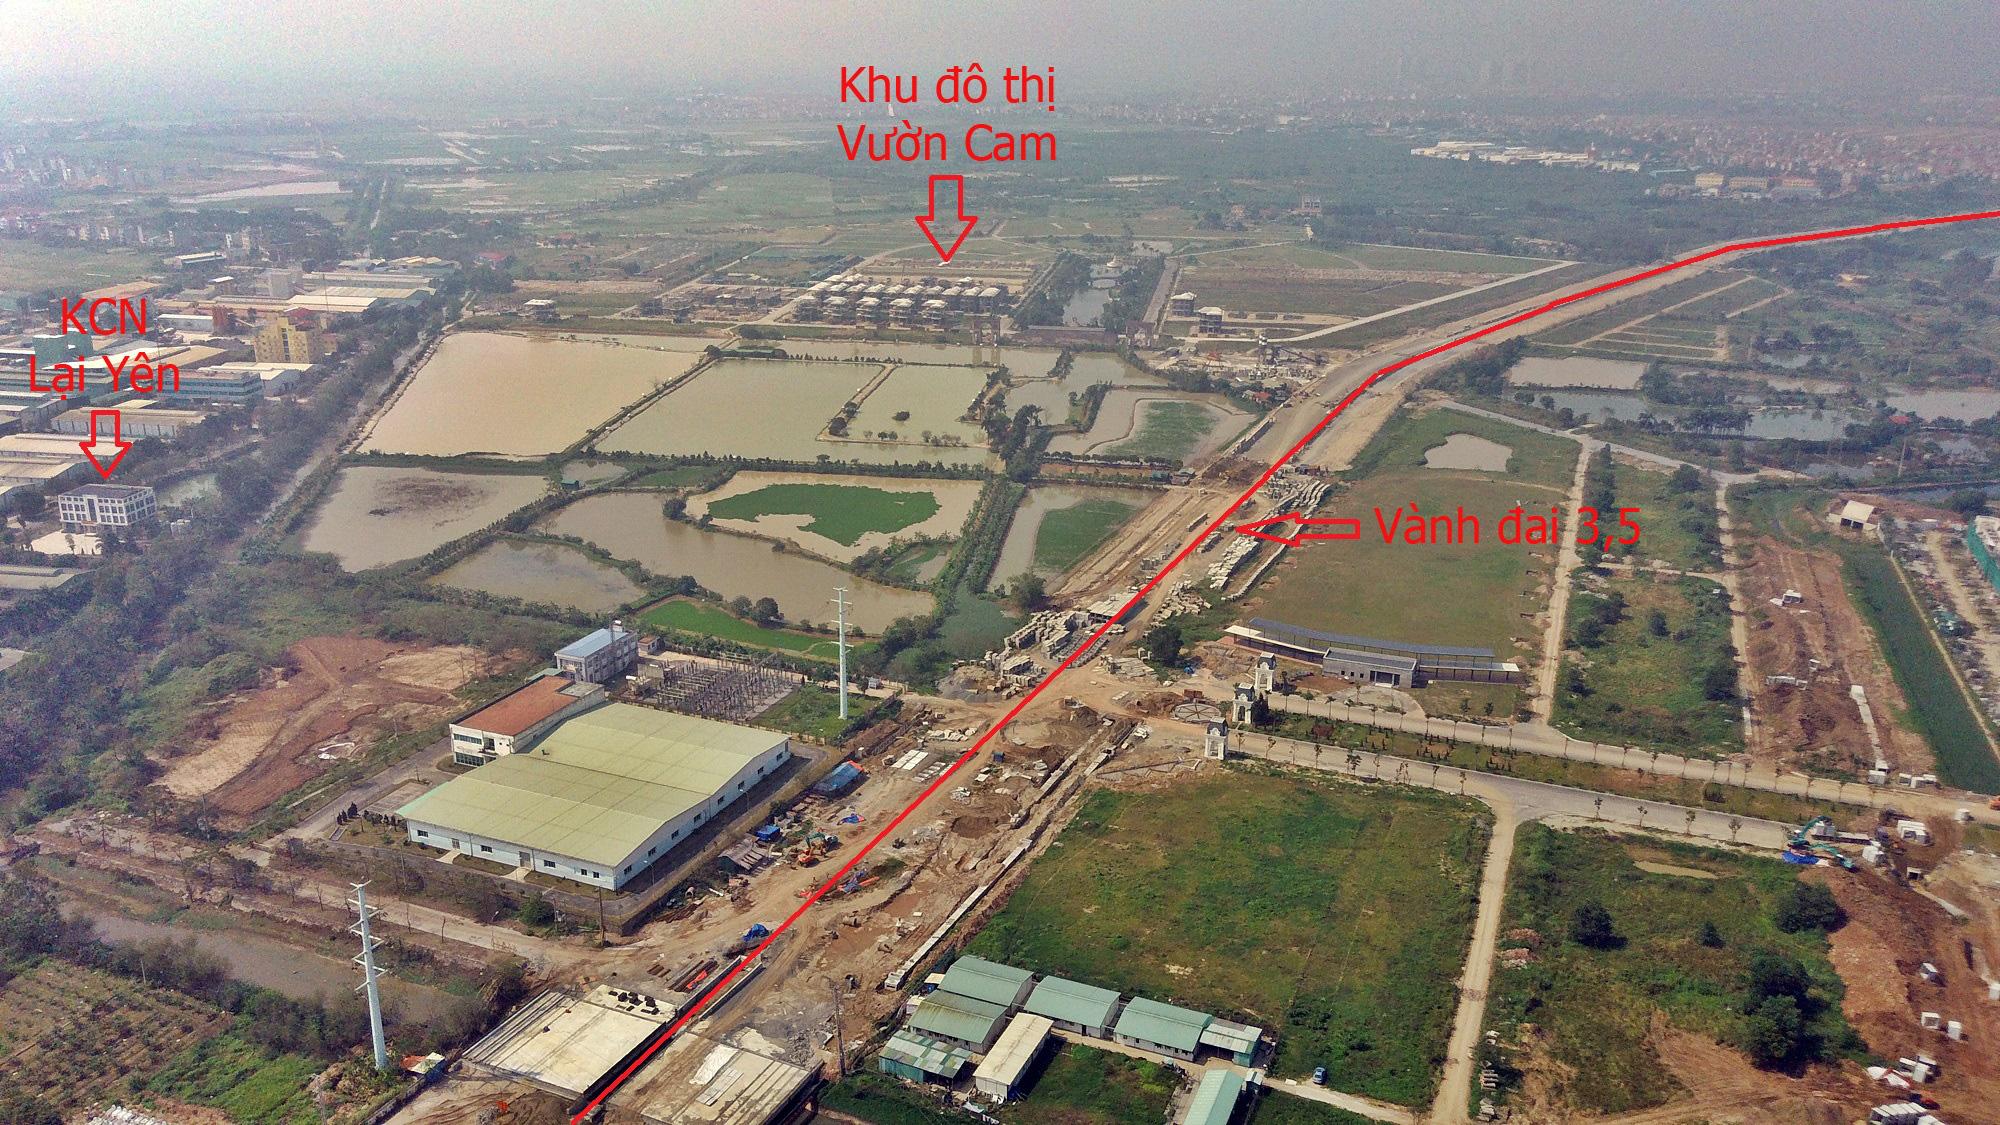 Những dự án hưởng lợi từ Vành đai 3,5 qua huyện Hoài Đức, Hà Nội - Ảnh 9.